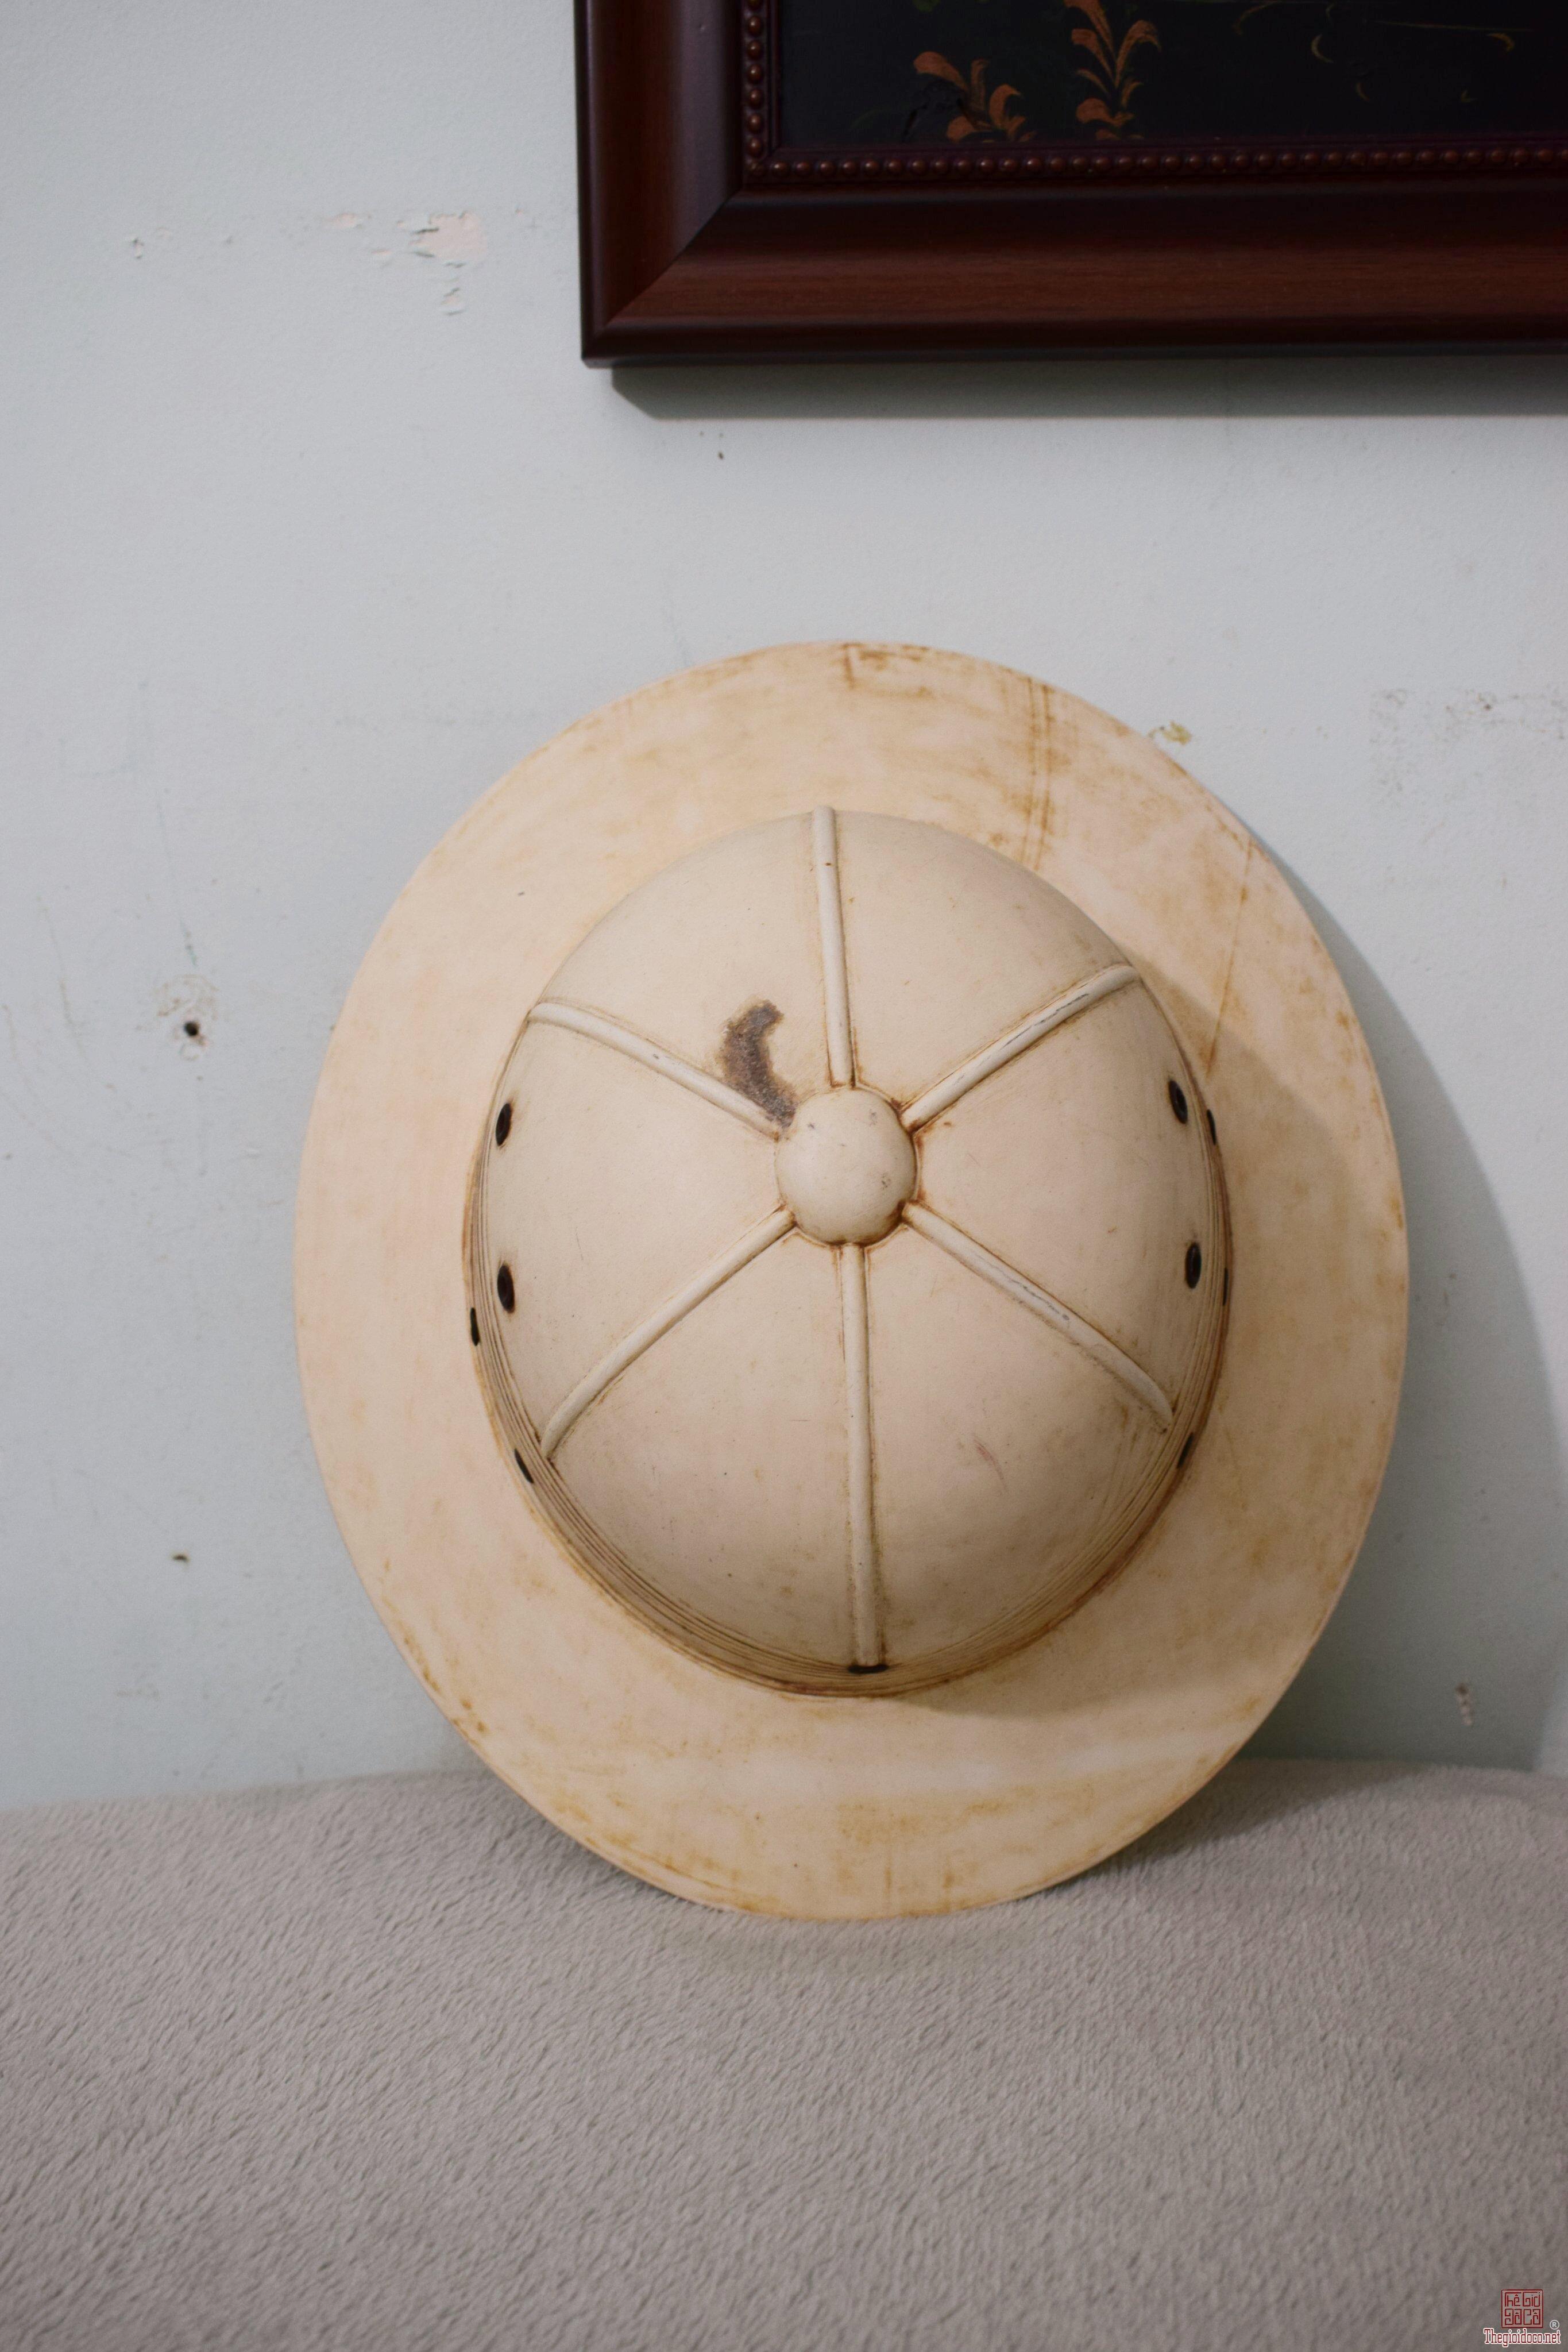 nón hội đồng xưa mất lòng trodạ e ng còn quai đội tốt hoặc treo decor...